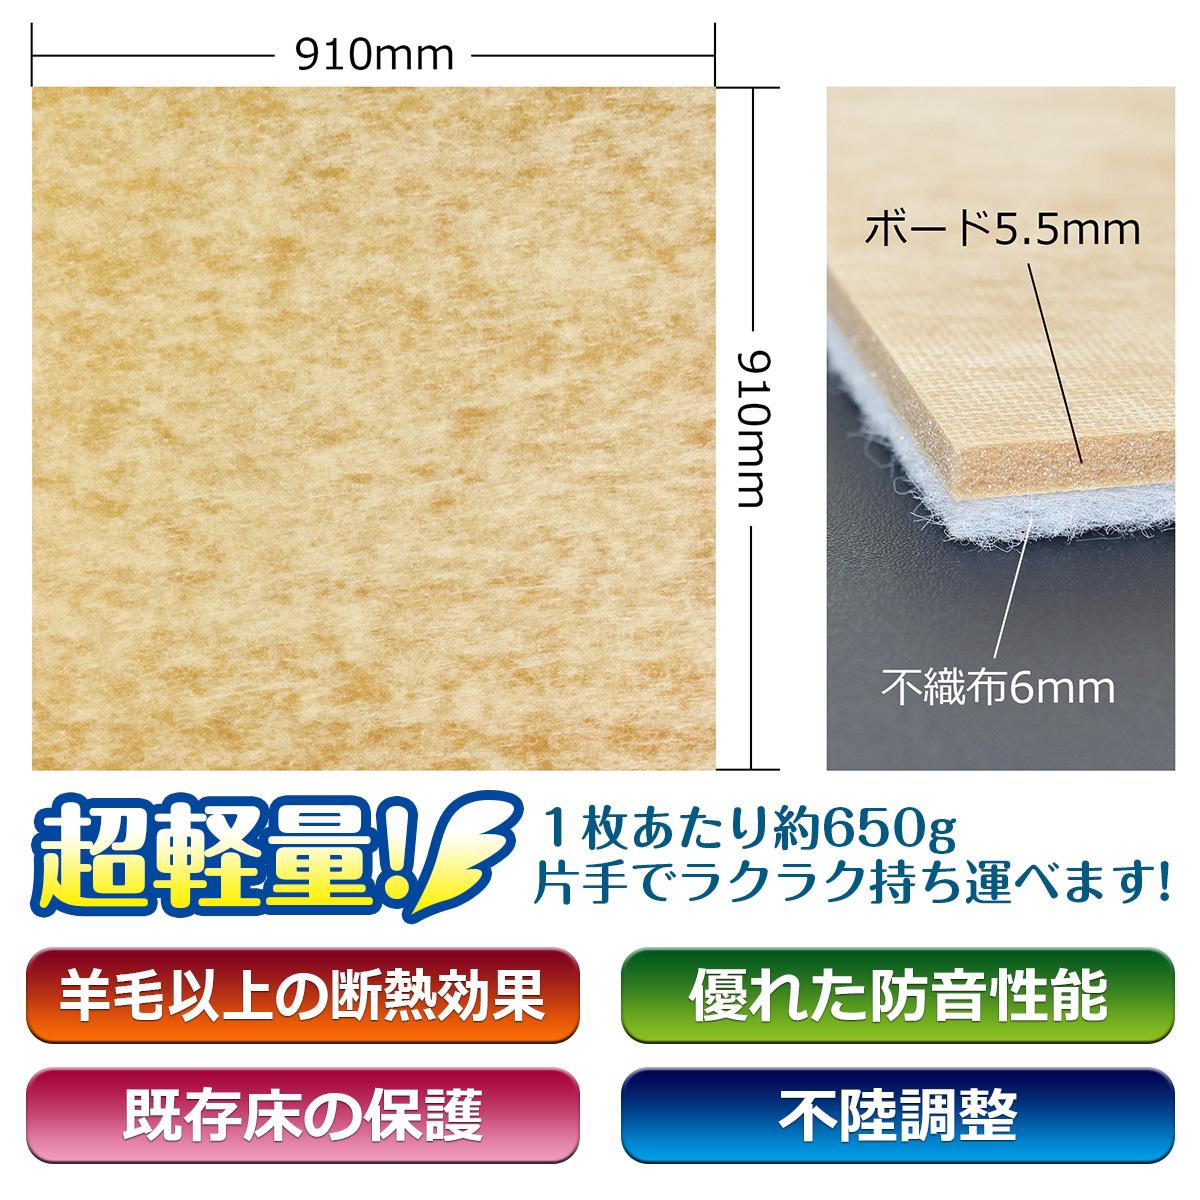 超軽量!1枚当たり約650グラム 片手でラクラク持ち運べます 羊毛以上の断熱効果 優れた防音性能 既存床の保護 不陸調整 サイズ910ミリ×910ミリ ボード5.5ミリ厚 不織布6ミリ厚